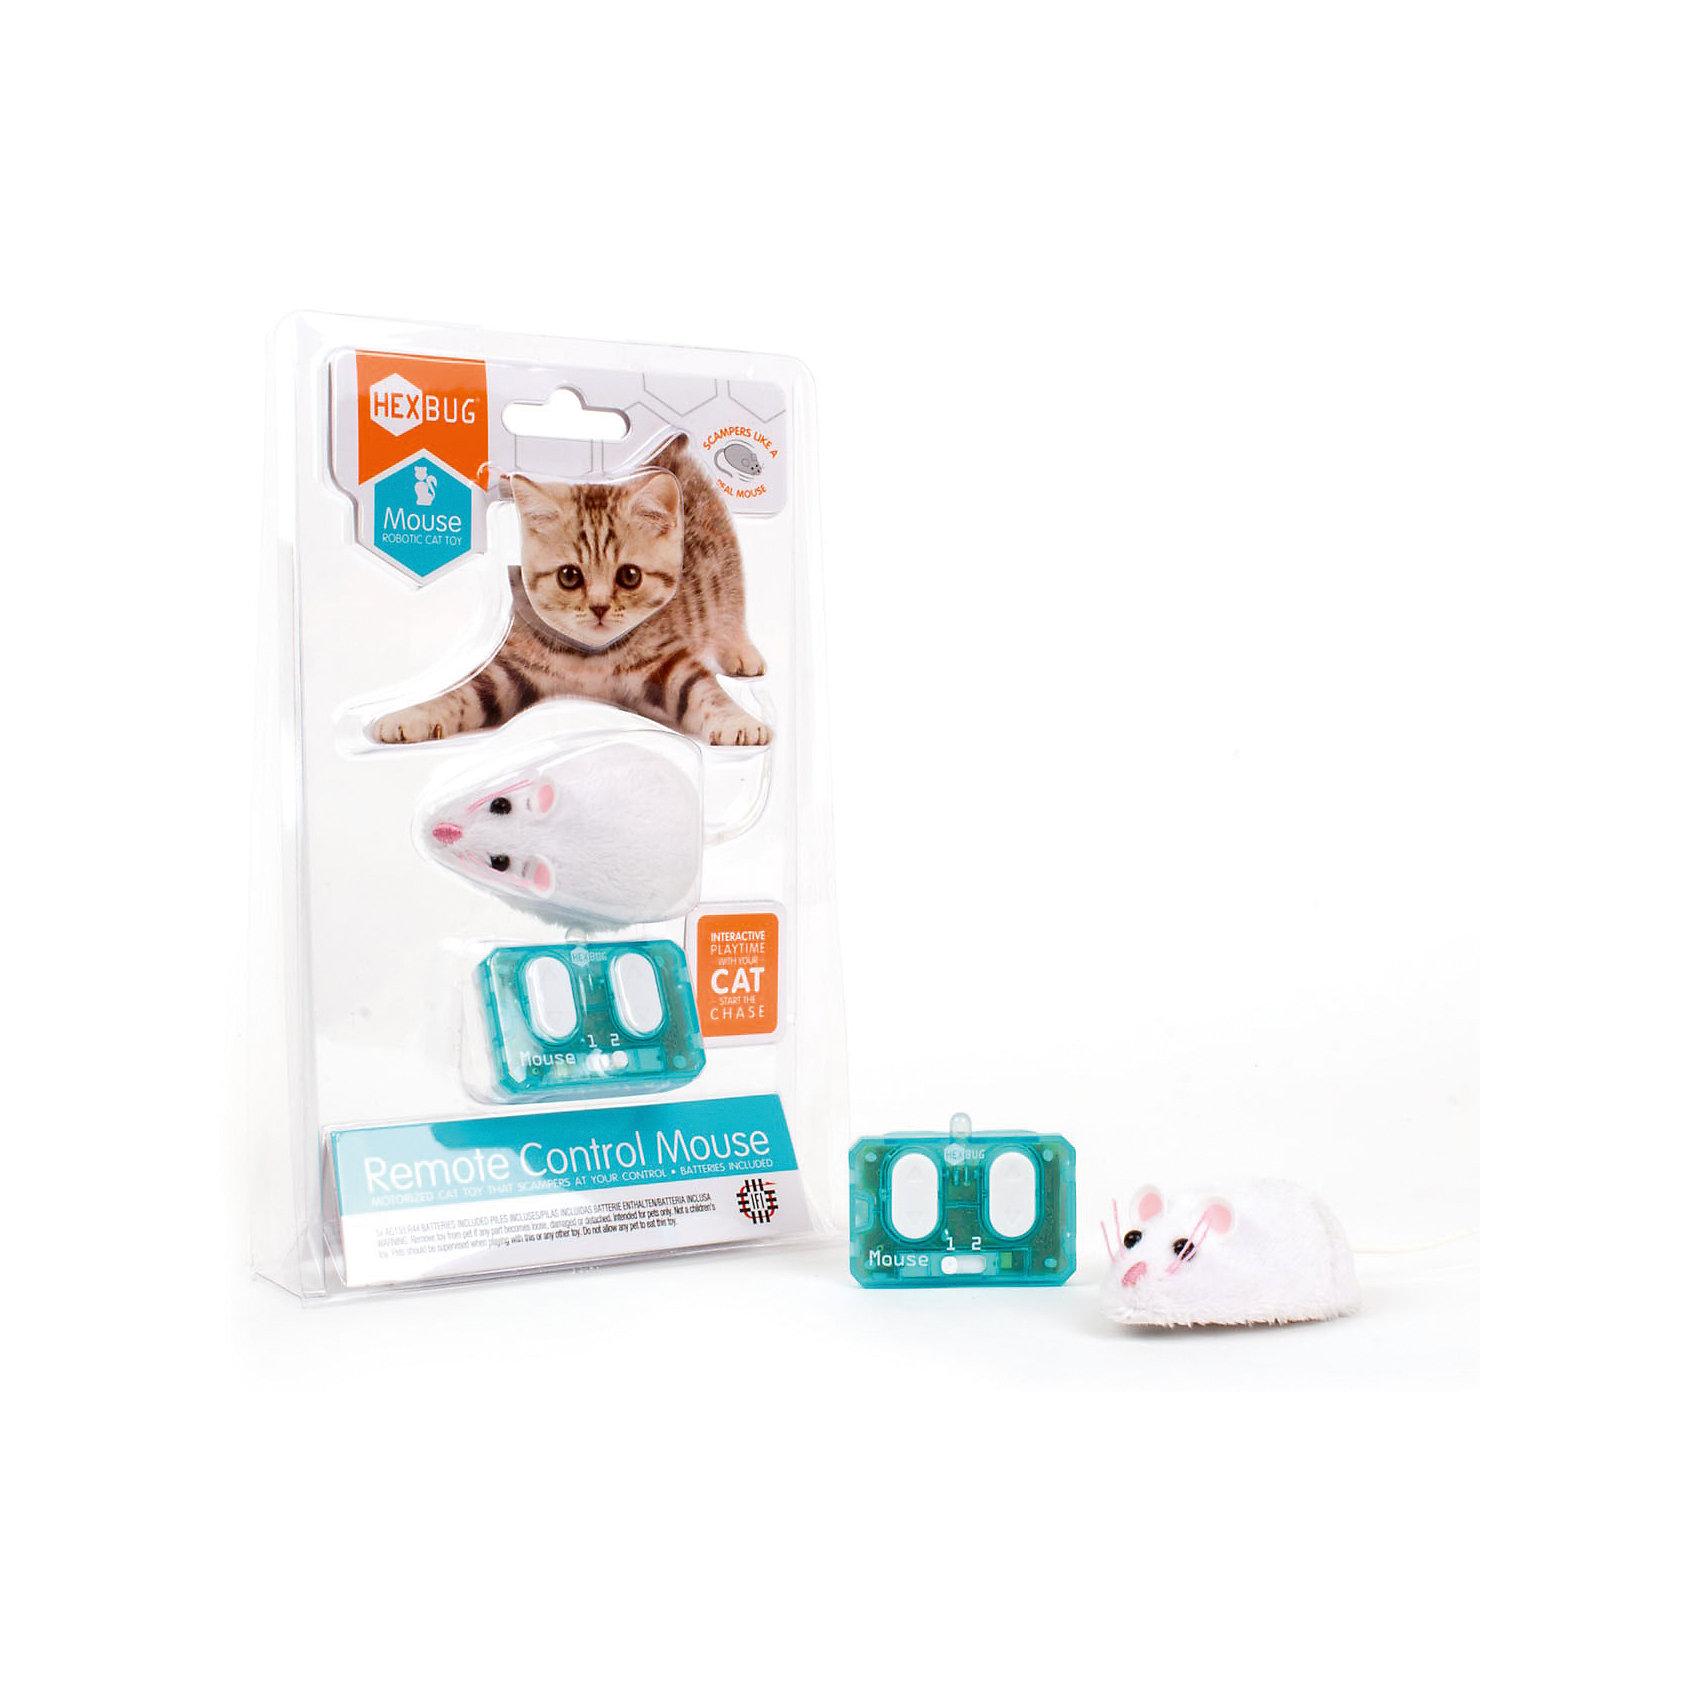 Микро-робот Mouse Cat Toy на радиоуправлении, HexbugПрочие интерактивные игрушки<br>Микро-робот Mouse Cat Toy на радиоуправлении, Hexbug (Хексбаг)<br><br>Характеристики:<br><br>• устойчив к механическим повреждениям<br>• управление пультом<br>• 2 канала<br>• материал: пластик, металл, искусственная шерсть<br>• батарейки: LR44 - 2 Шт.<br>• размер упаковки: 22х13х3 см<br>• вес: 80 грамм<br><br>Mouse Cat Toy - микро-робот для игр с домашними питомцами. Робот выполнен в виде маленькой мышки с хвостиком, ушками и глазками, похожими на настоящие. Мышка очень быстро и реалистично двигается, чтобы ваш питомец не заскучал. Вы можете управлять роботом при помощи пульта управления. Мышь устойчива к таким механическим повреждениям как царапины и удары лапой.<br><br>Микро-робота Mouse Cat Toy на радиоуправлении, Hexbug (Хексбаг) вы можете купить в нашем интернет-магазине.<br><br>Ширина мм: 9999<br>Глубина мм: 9999<br>Высота мм: 9999<br>Вес г: 9999<br>Возраст от месяцев: 36<br>Возраст до месяцев: 2147483647<br>Пол: Унисекс<br>Возраст: Детский<br>SKU: 5506930